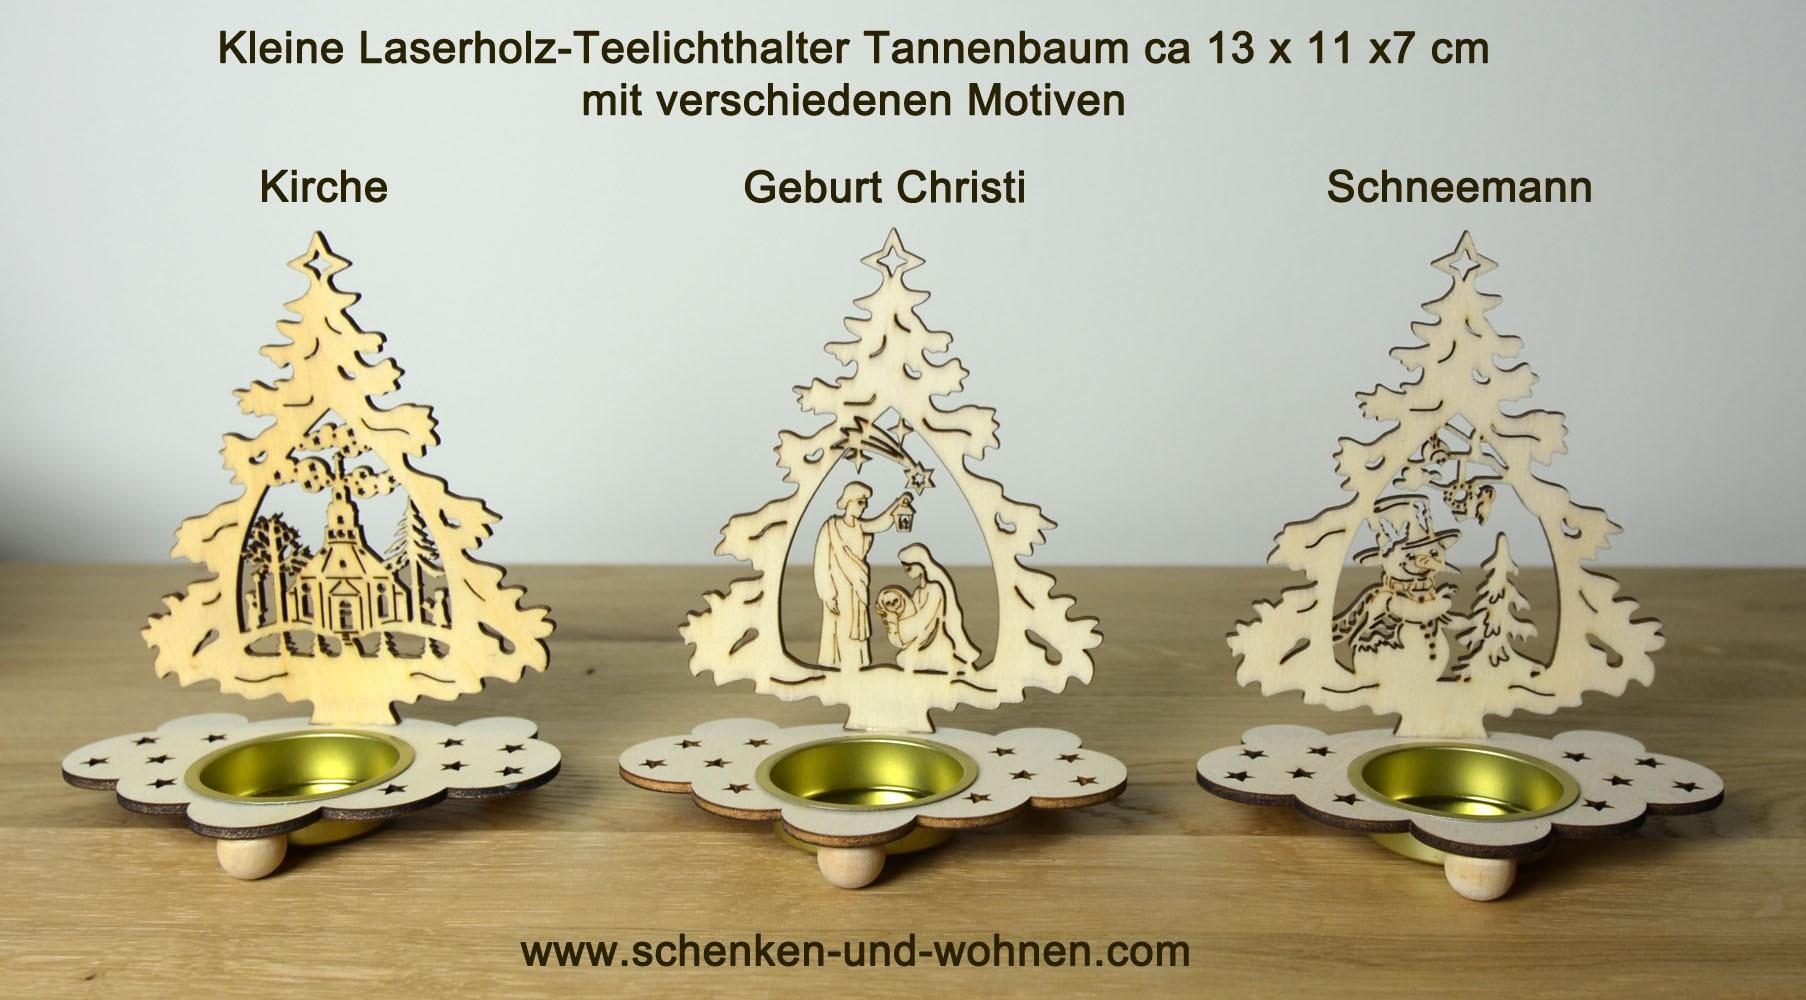 Laserholz-Teelichthalter Tanne mit Motiv Kirche 13 x 11 x 7 cm (HxBxT)